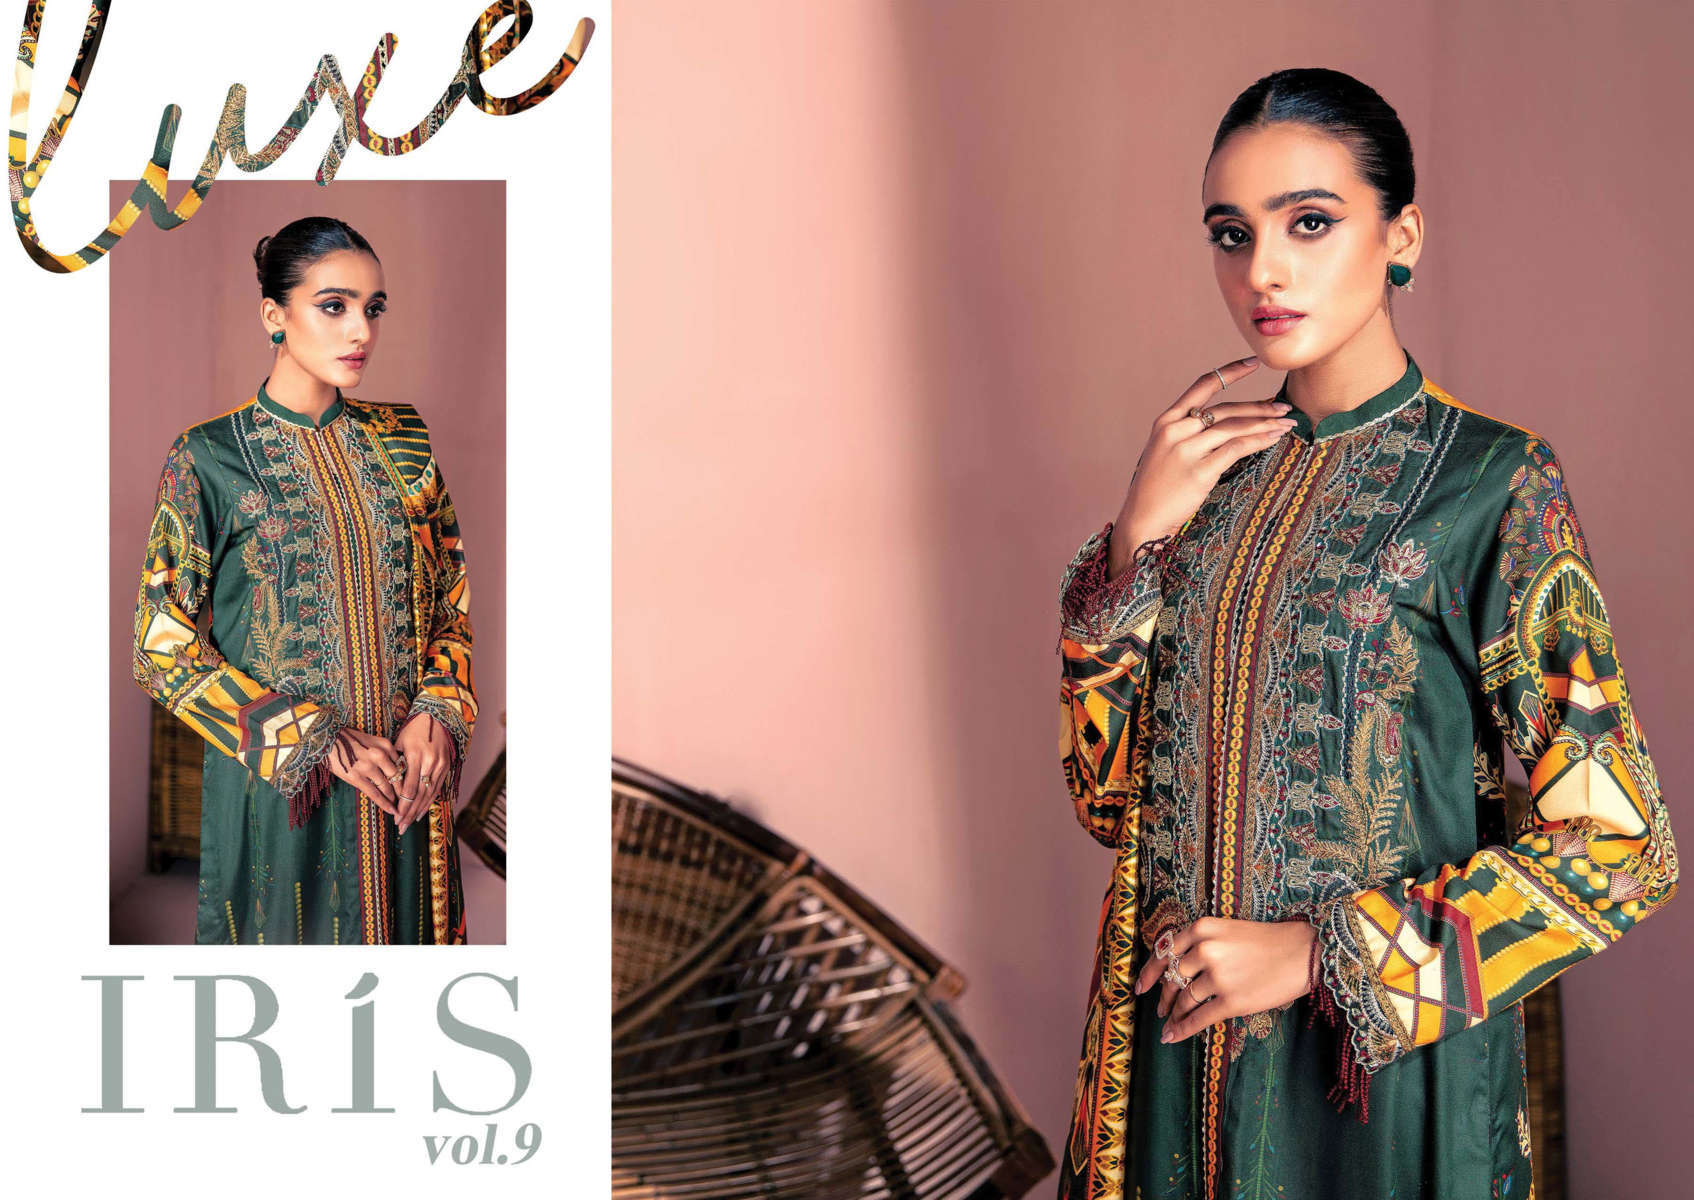 Iris Vol 9 Karachi Cotton Salwar Suit Wholesale Catalog 10 Pcs 12 - Iris Vol 9 Karachi Cotton Salwar Suit Wholesale Catalog 10 Pcs